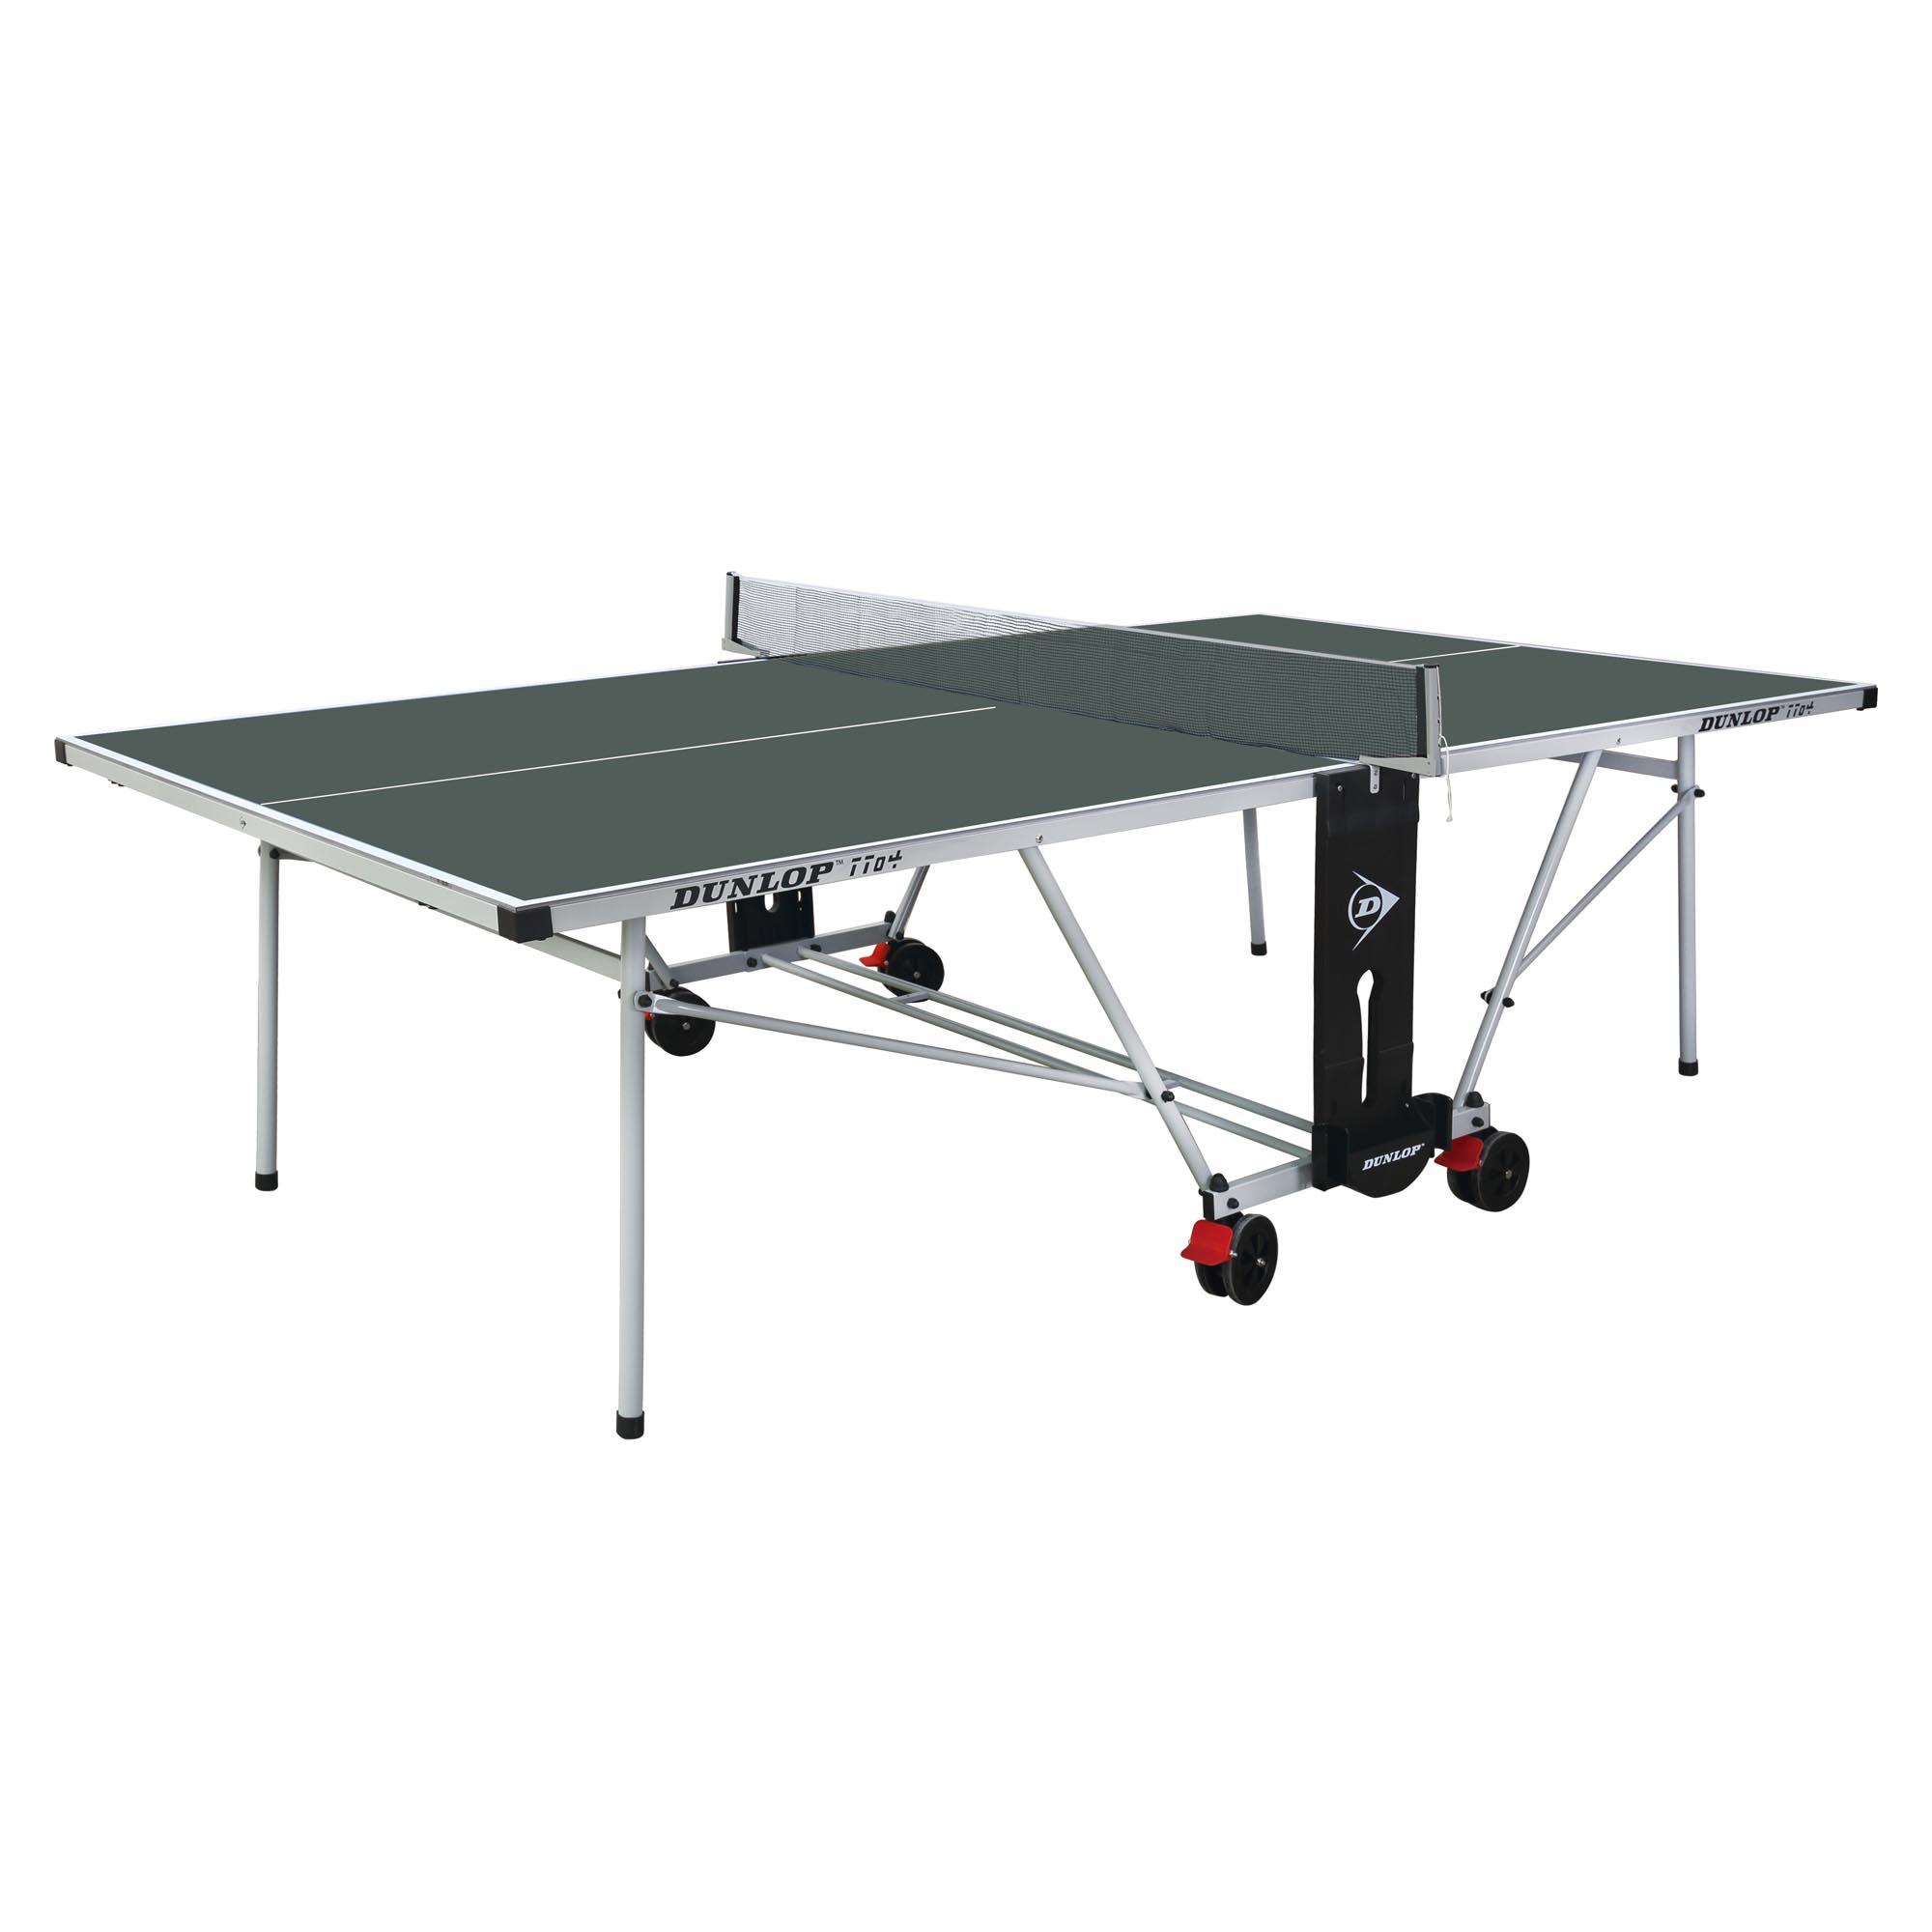 Dunlop TTo4 Outdoor Table Tennis Table  Green